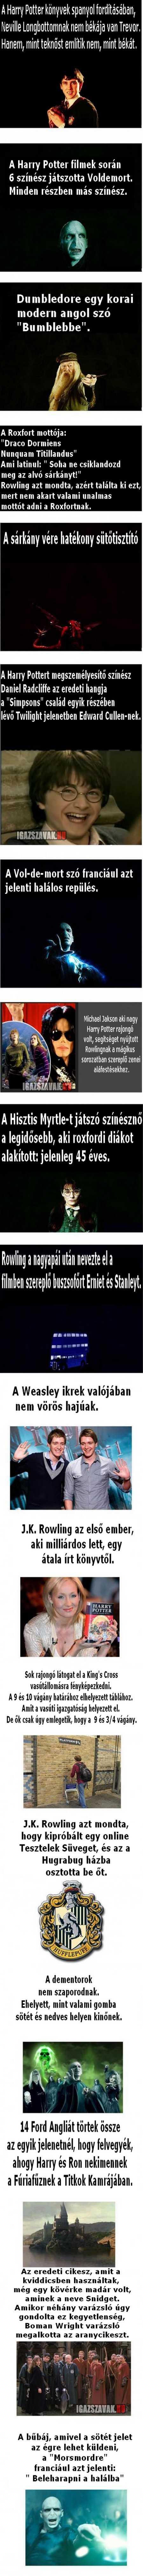 Harry Potter, tények a történetről